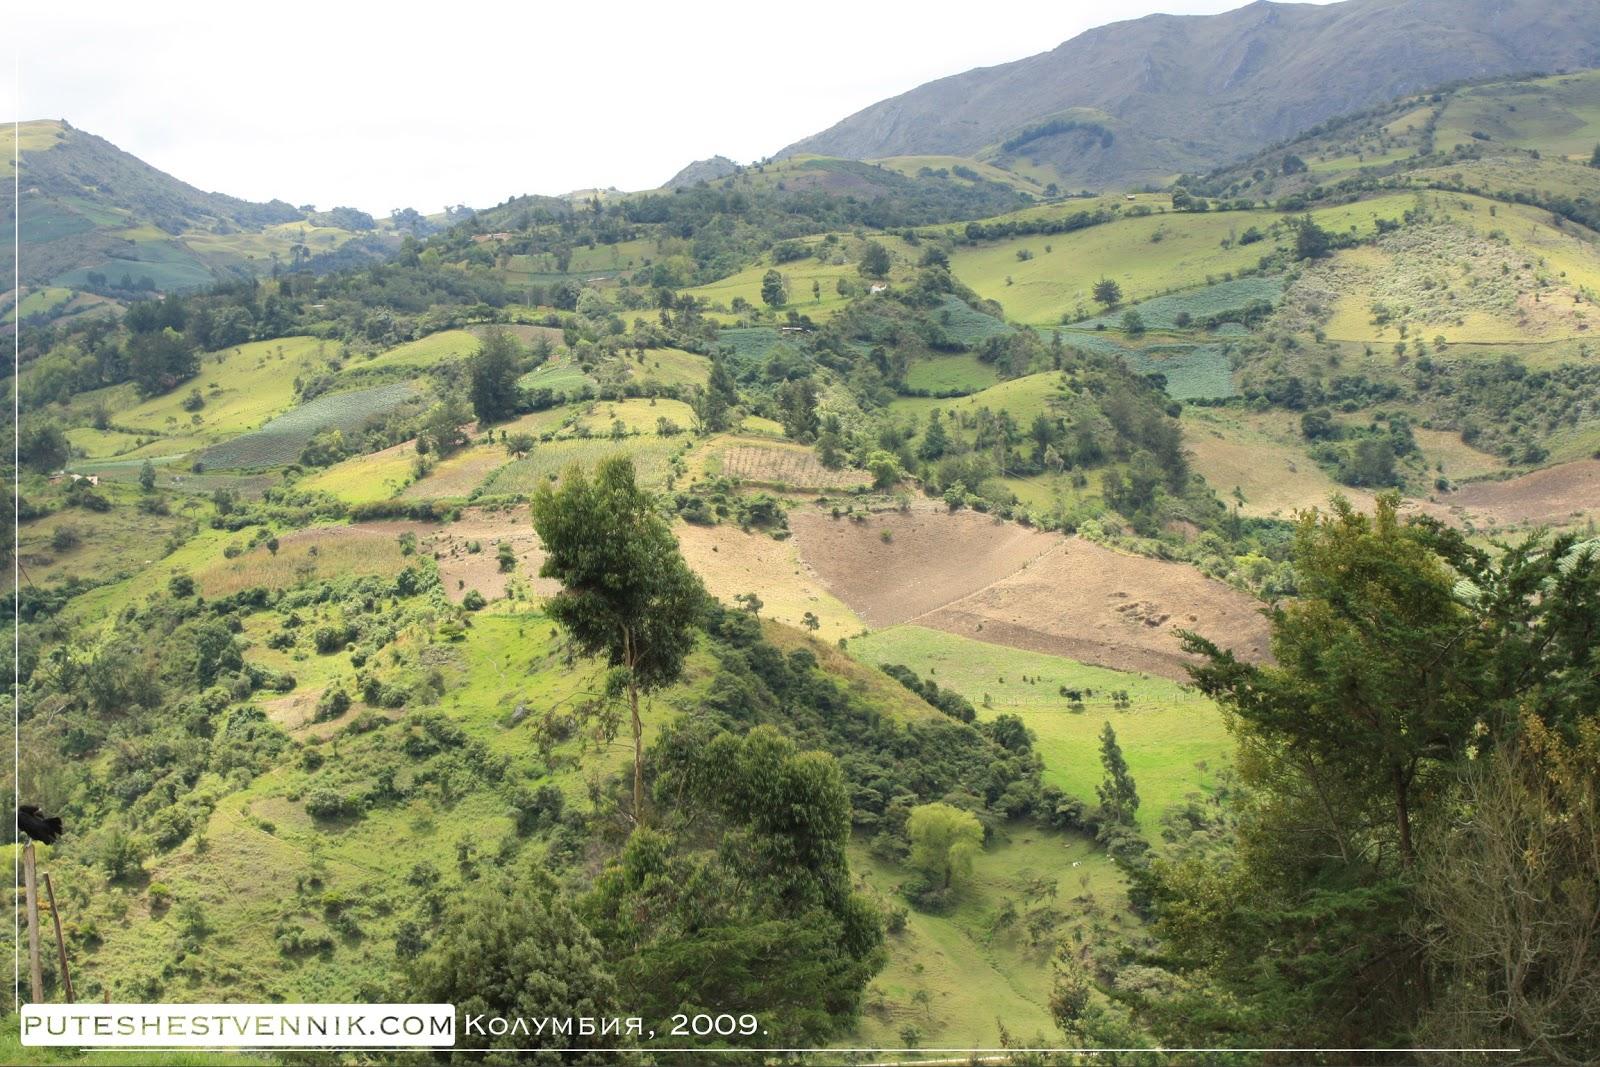 Зеленые лоскуты возделанных земель в горах